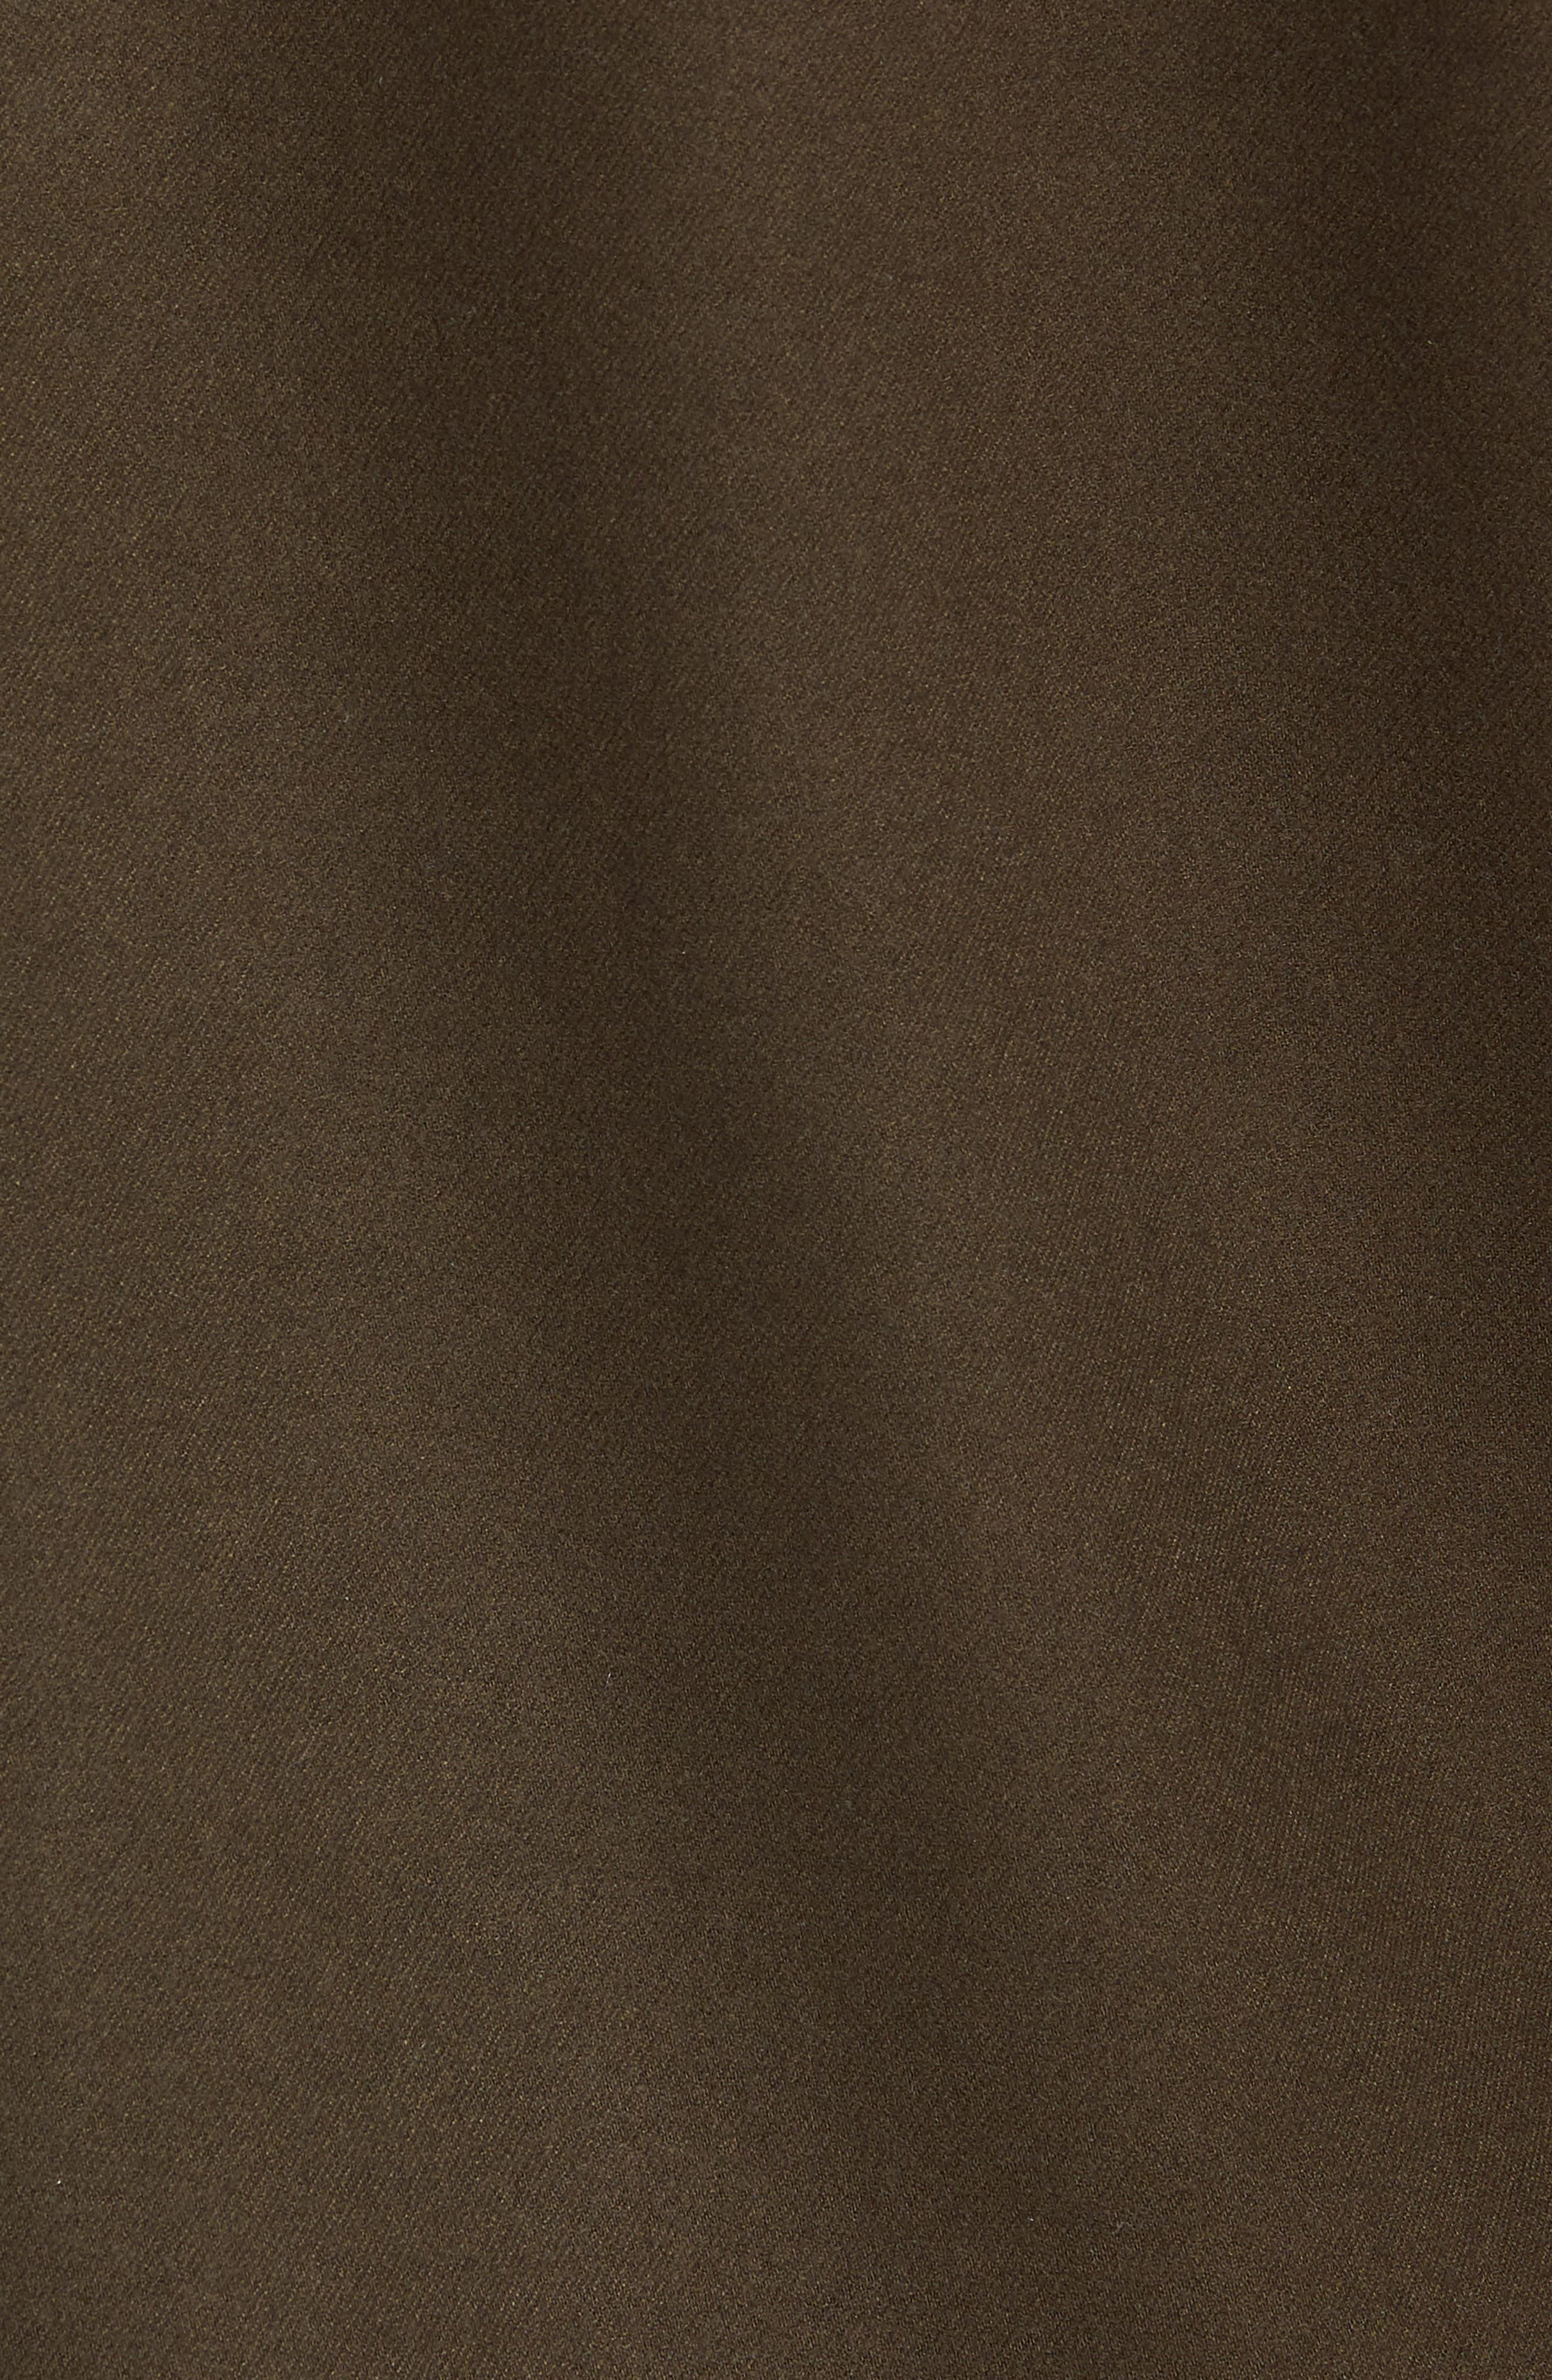 TWENTYMETRICTONS, Trim Fit Utility Coat, Alternate thumbnail 7, color, 300